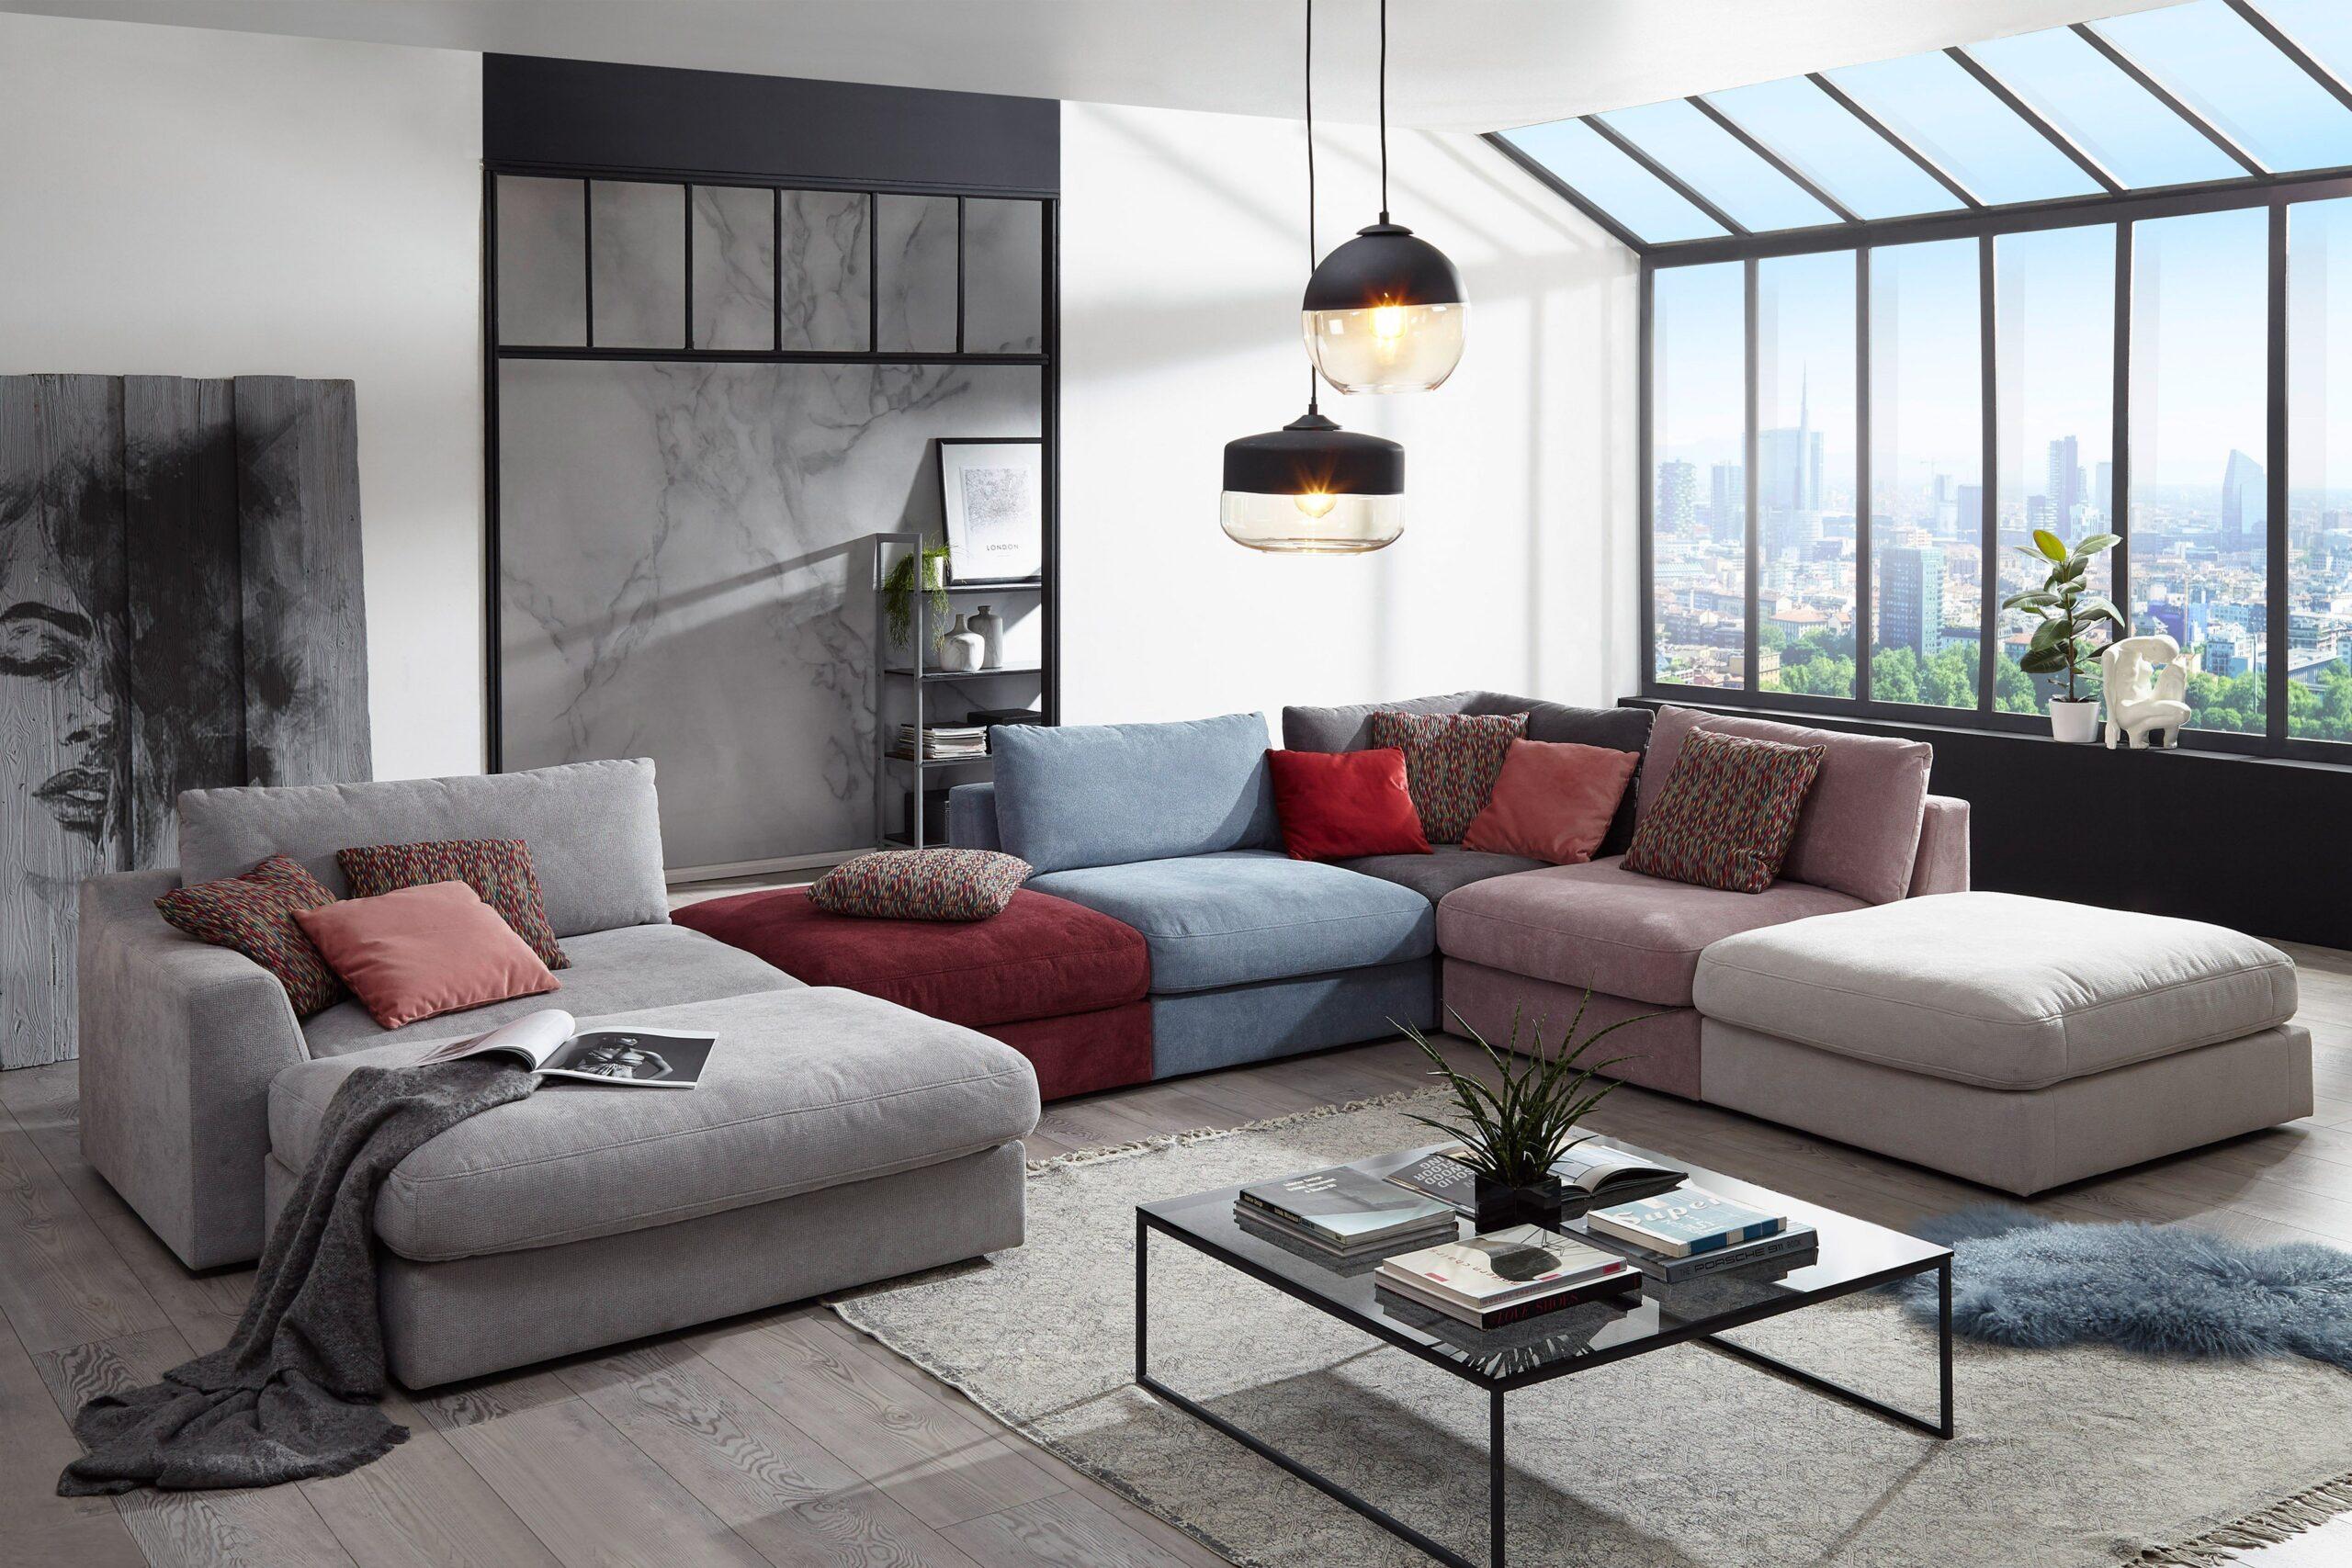 Full Size of Xxl Sofa Günstig Sit More Fuego Couch Bunt Mbel Letz Ihr Online Shop überzug U Form Küche Mit E Geräten Schlafsofa Liegefläche 180x200 Rund Esstisch Sofa Xxl Sofa Günstig